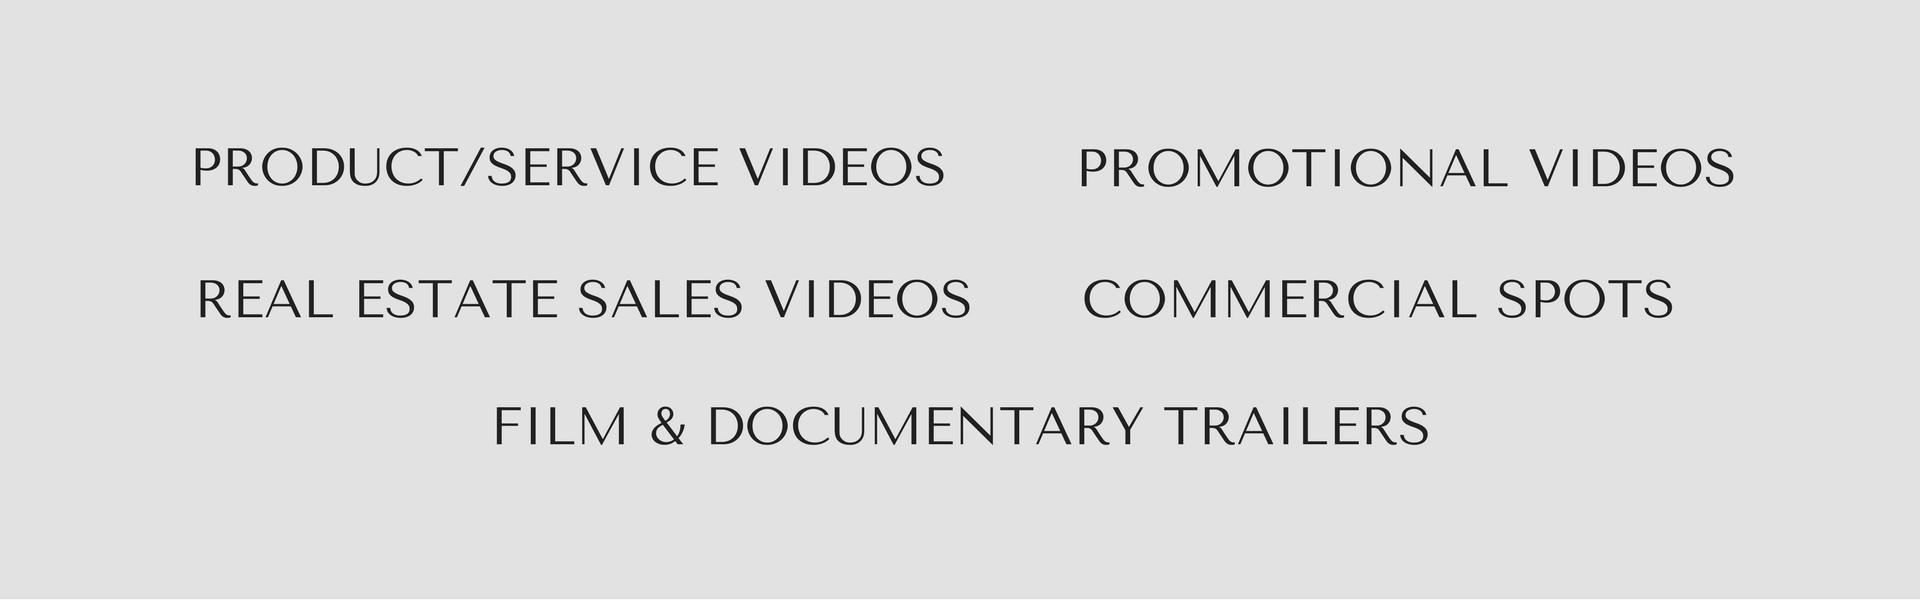 Real Estate Sales Videos (2)